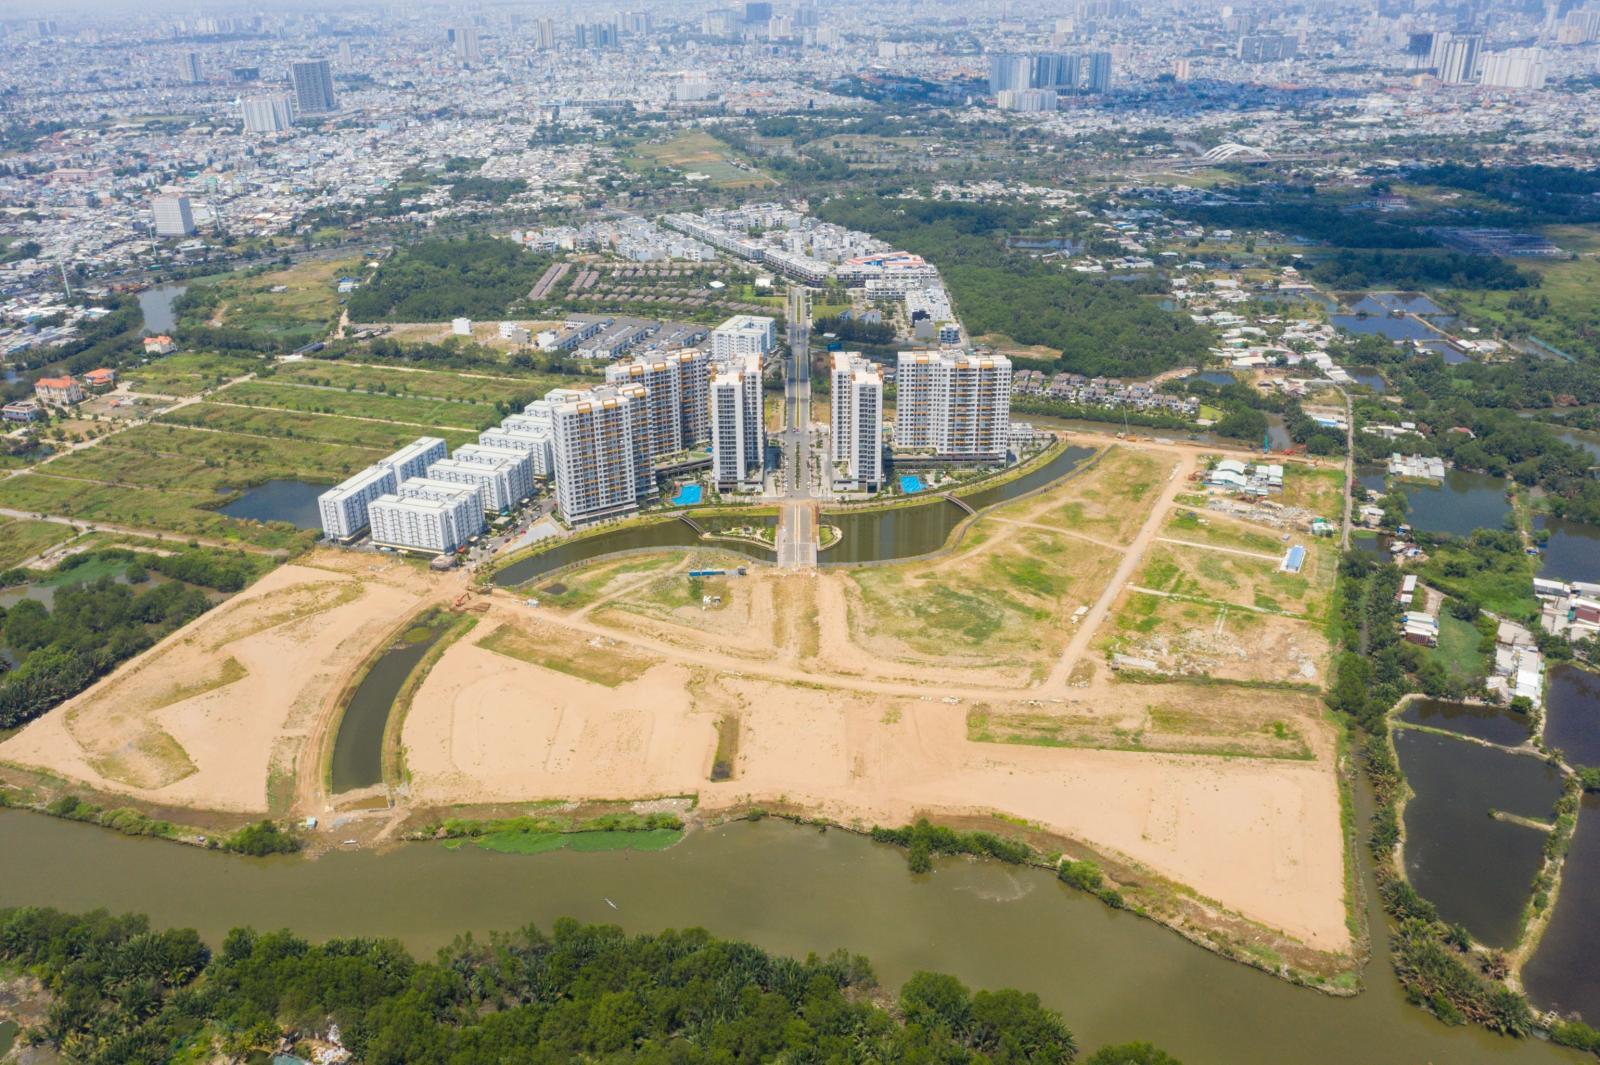 Lợi thế quỹ đất khiến khu Nam TP.HCM trở thành tâm điểm phát triển các dự án đại đô thị quy mô lớn